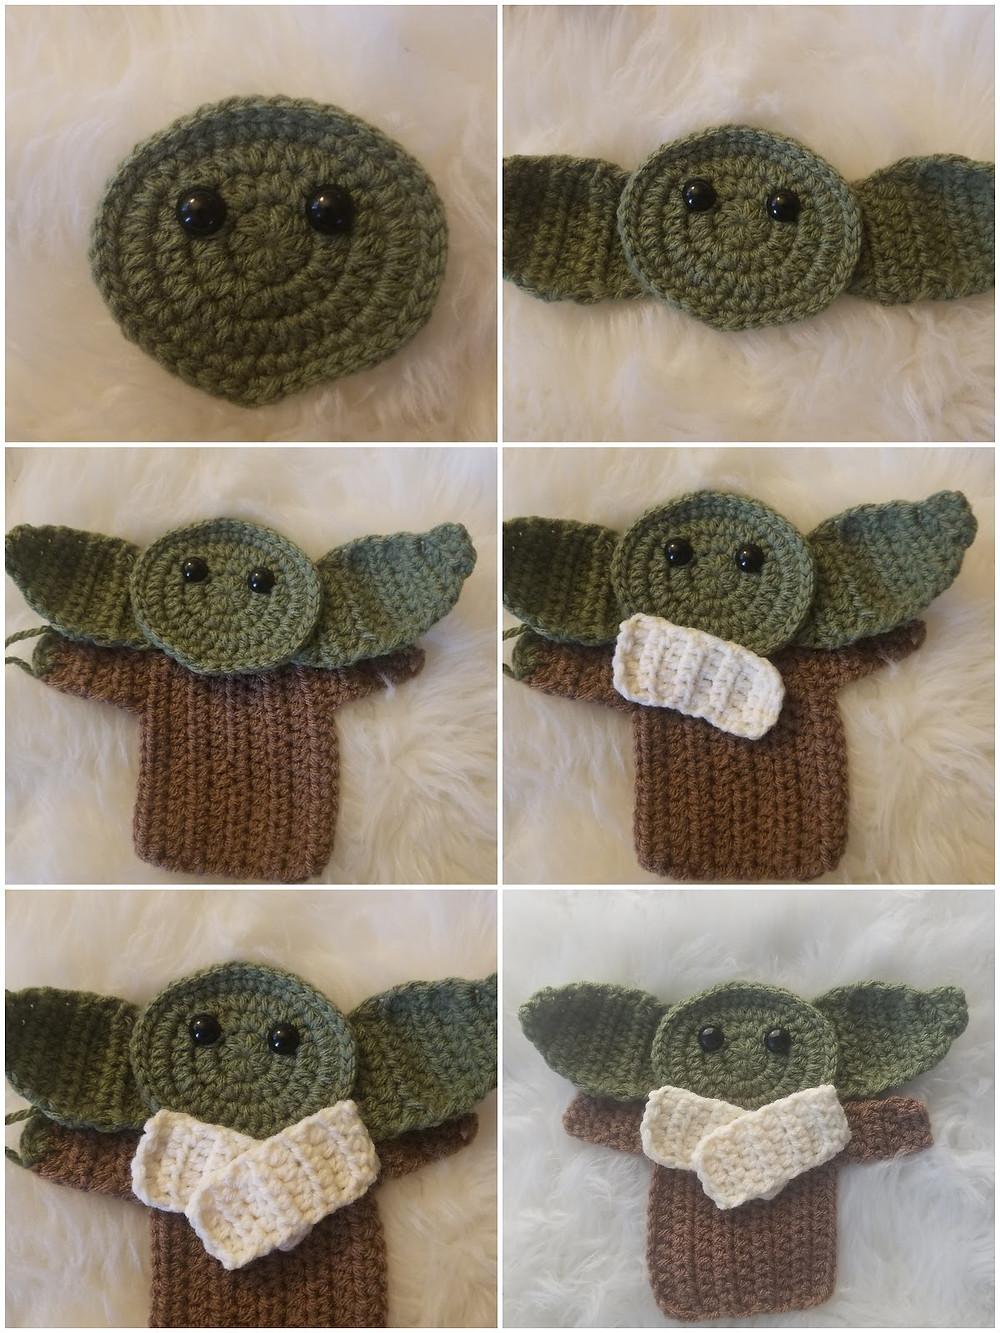 Little Green Wise Guy Crochet Applique Pattern Ornament Cardholders